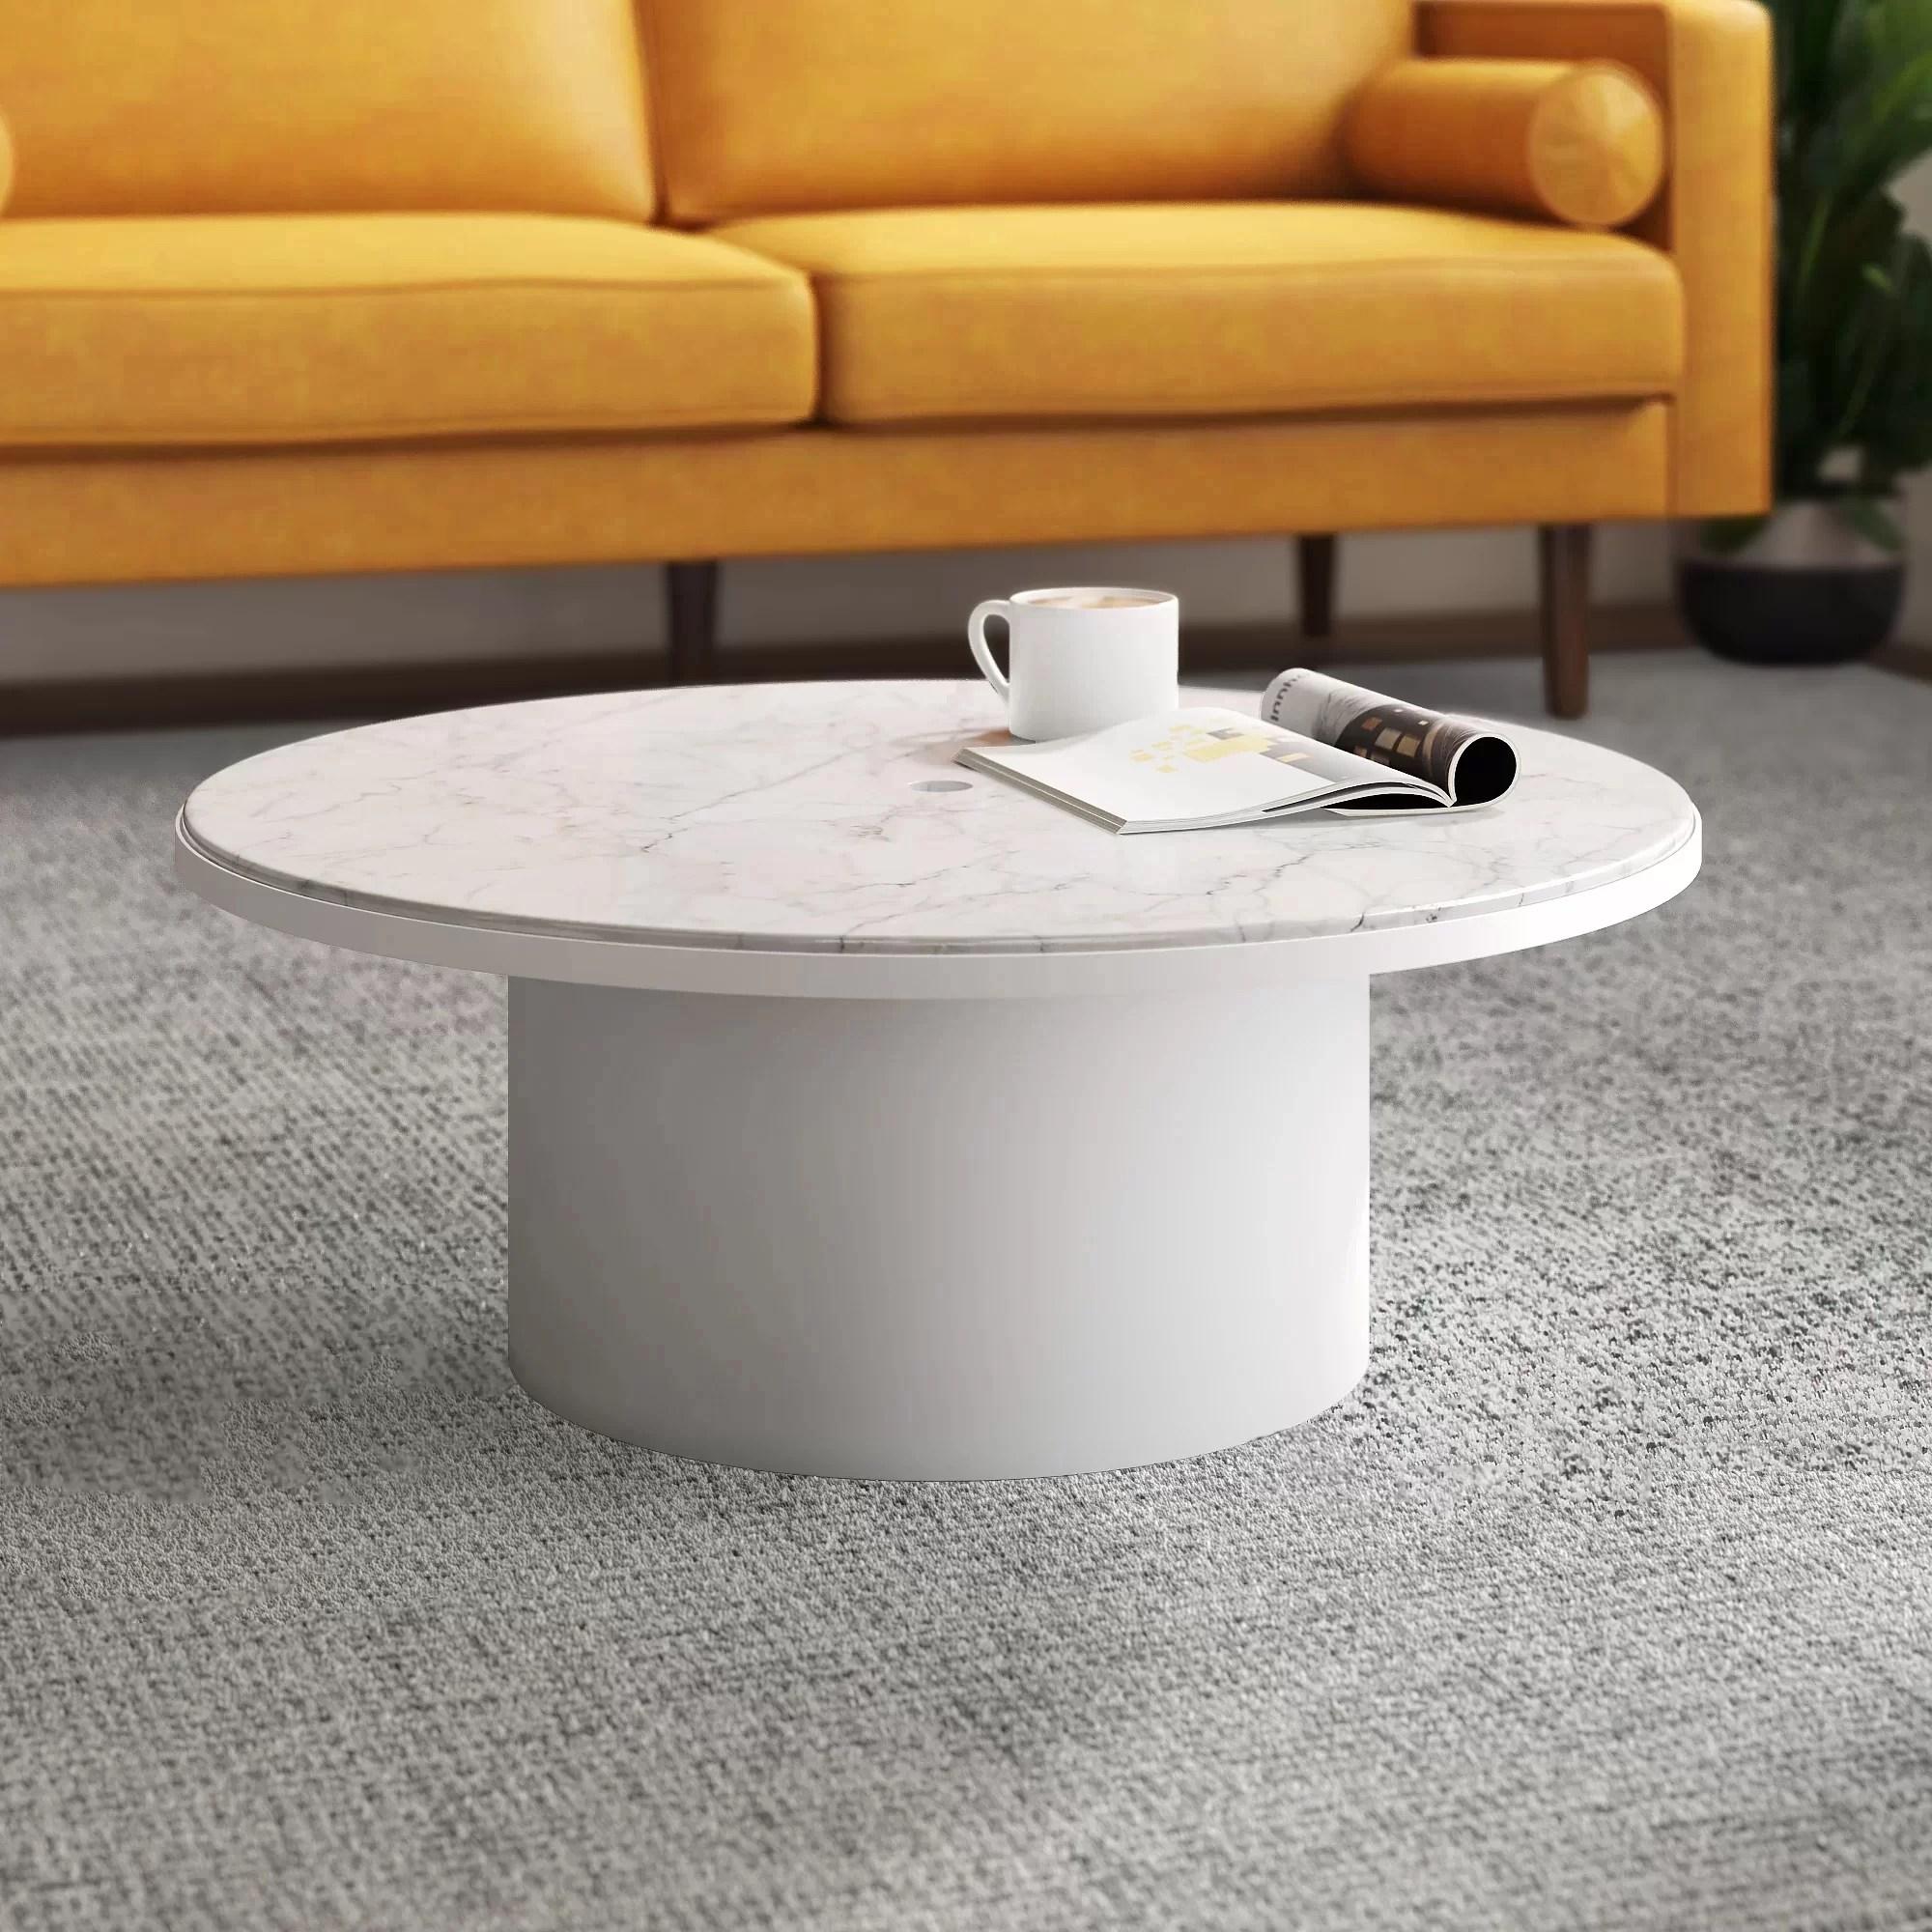 يهزم رئيس المقشود swell round coffee table